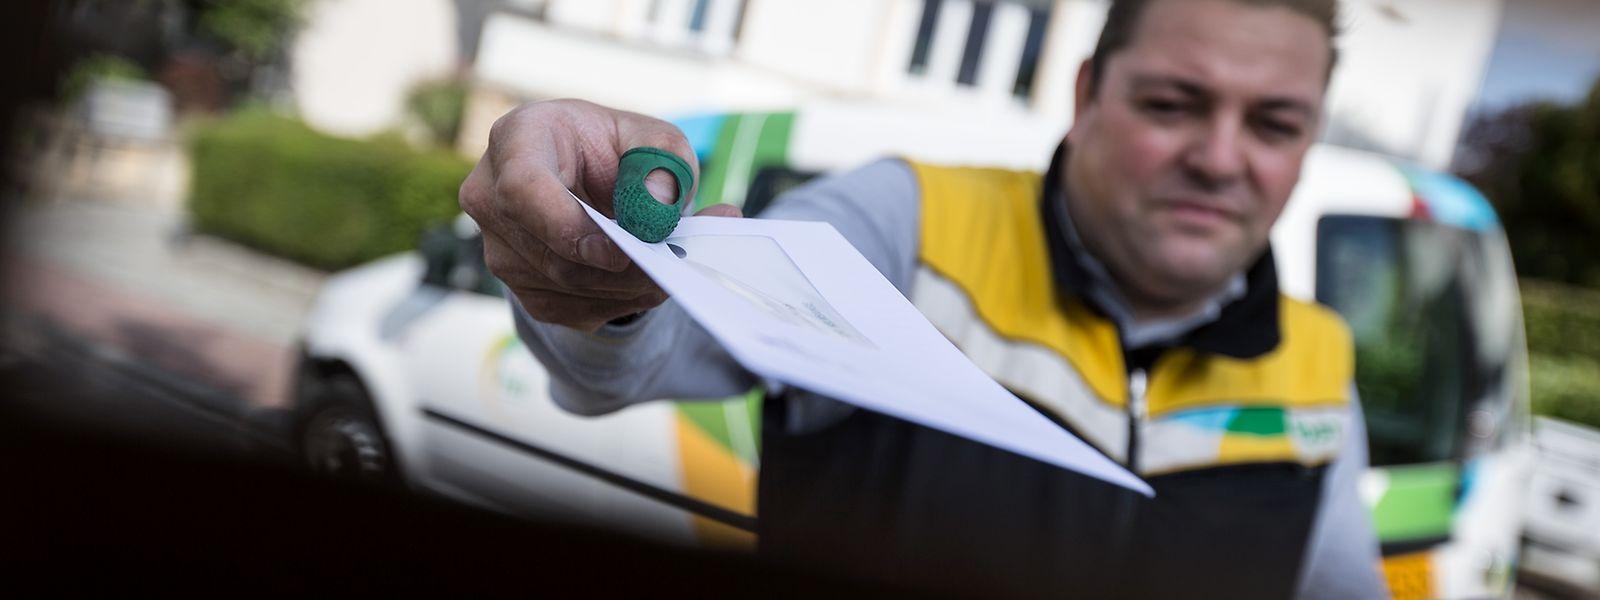 Der Briefversand der Post erreichte trotz boomender elektronischer Kommunikation erst 2012 seinen Höhepunkt. Seitdem geht dieser mit zwei bis drei Prozent pro Jahr langsam zurück.